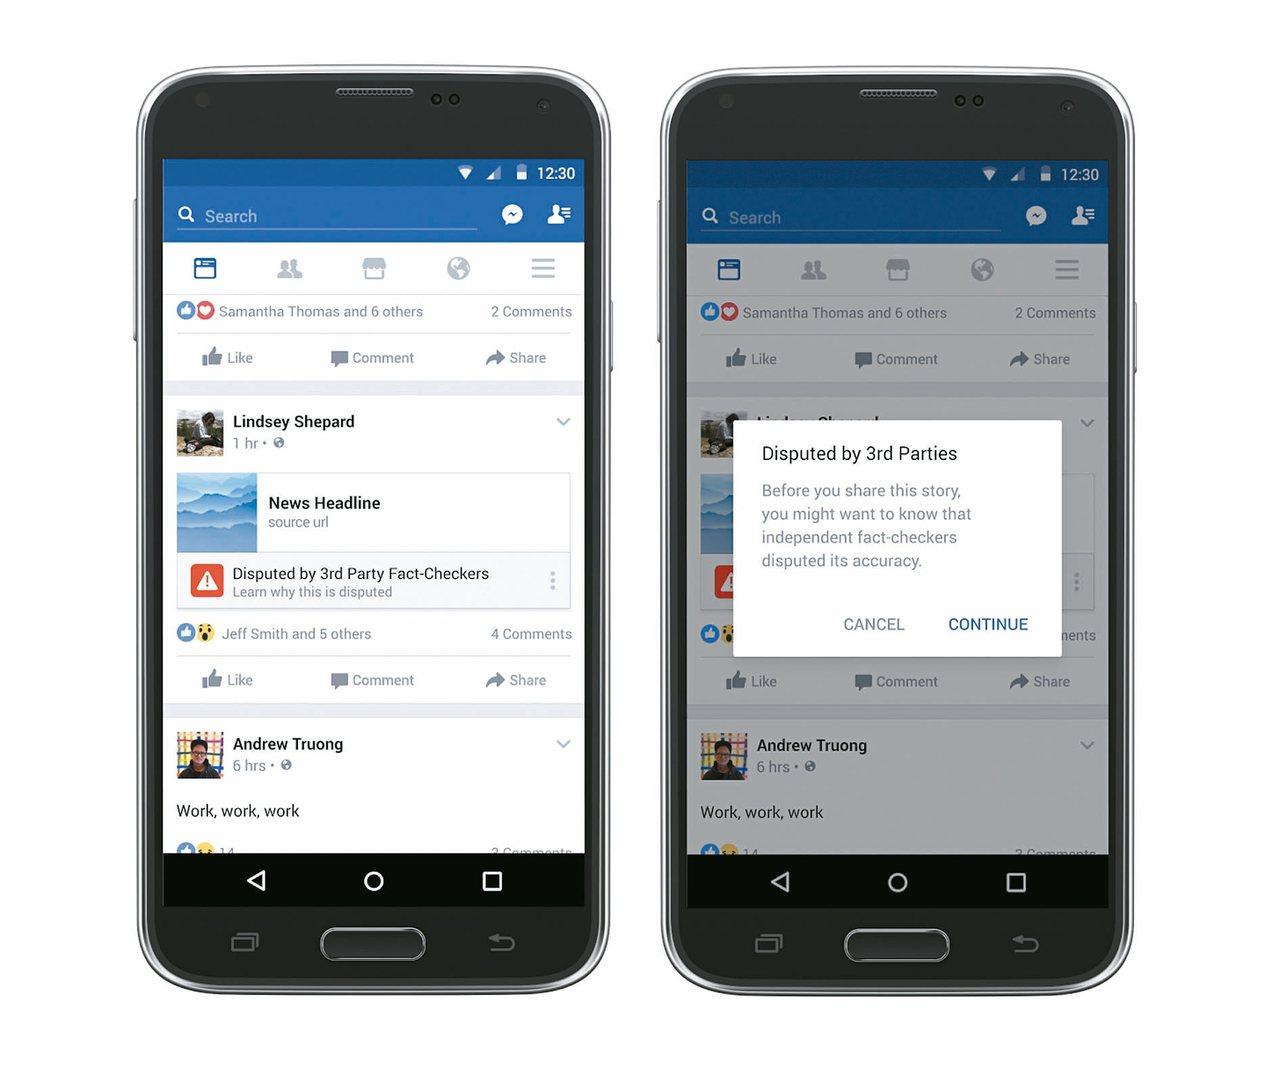 臉書上不符合查核標準的新聞會被標注紅色標籤(左),用戶若仍想分享這則新聞,會再度...